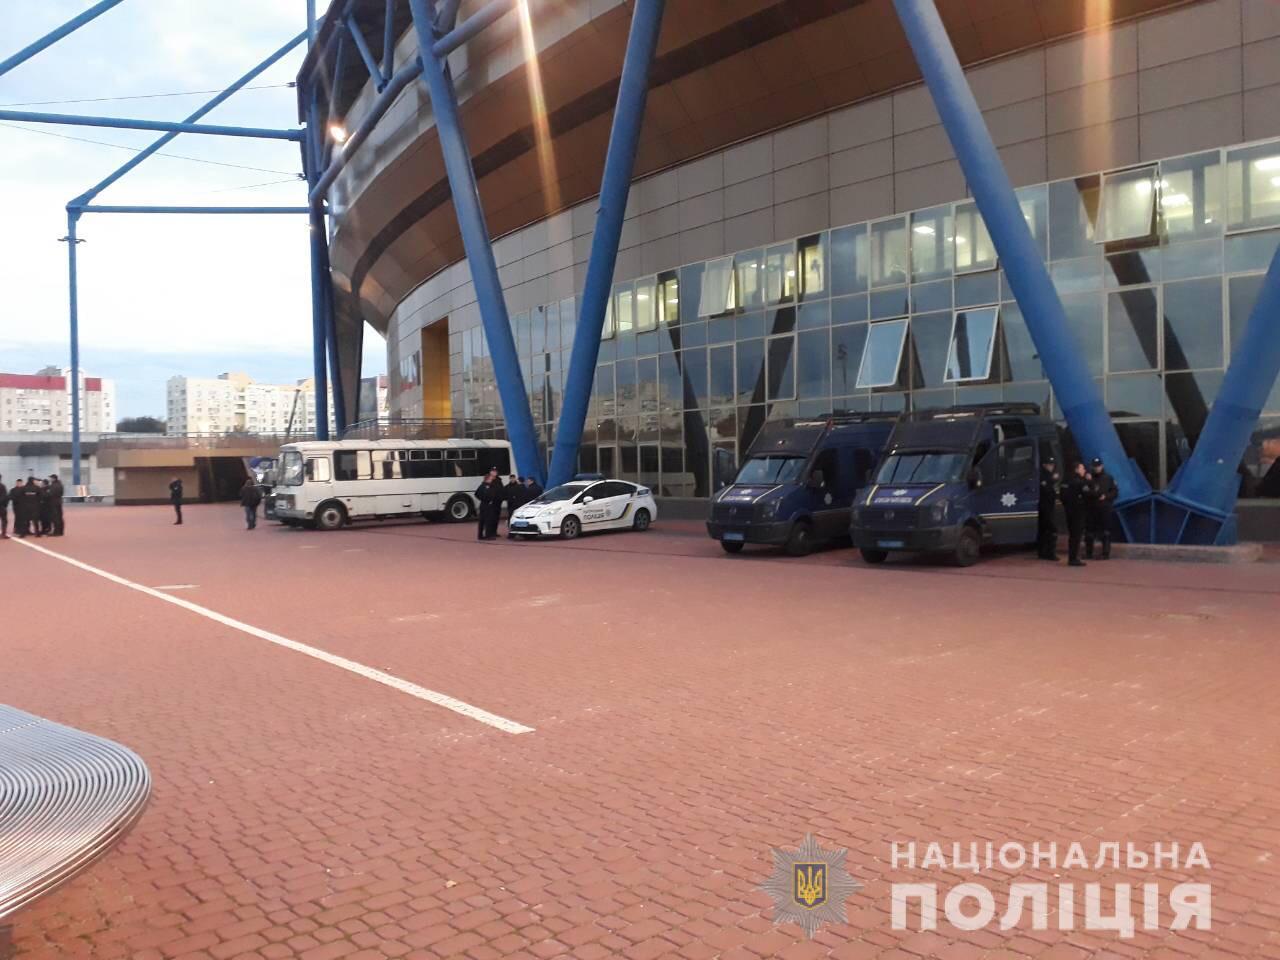 Футбольный матч в Харькове прошел без грубых правонарушений